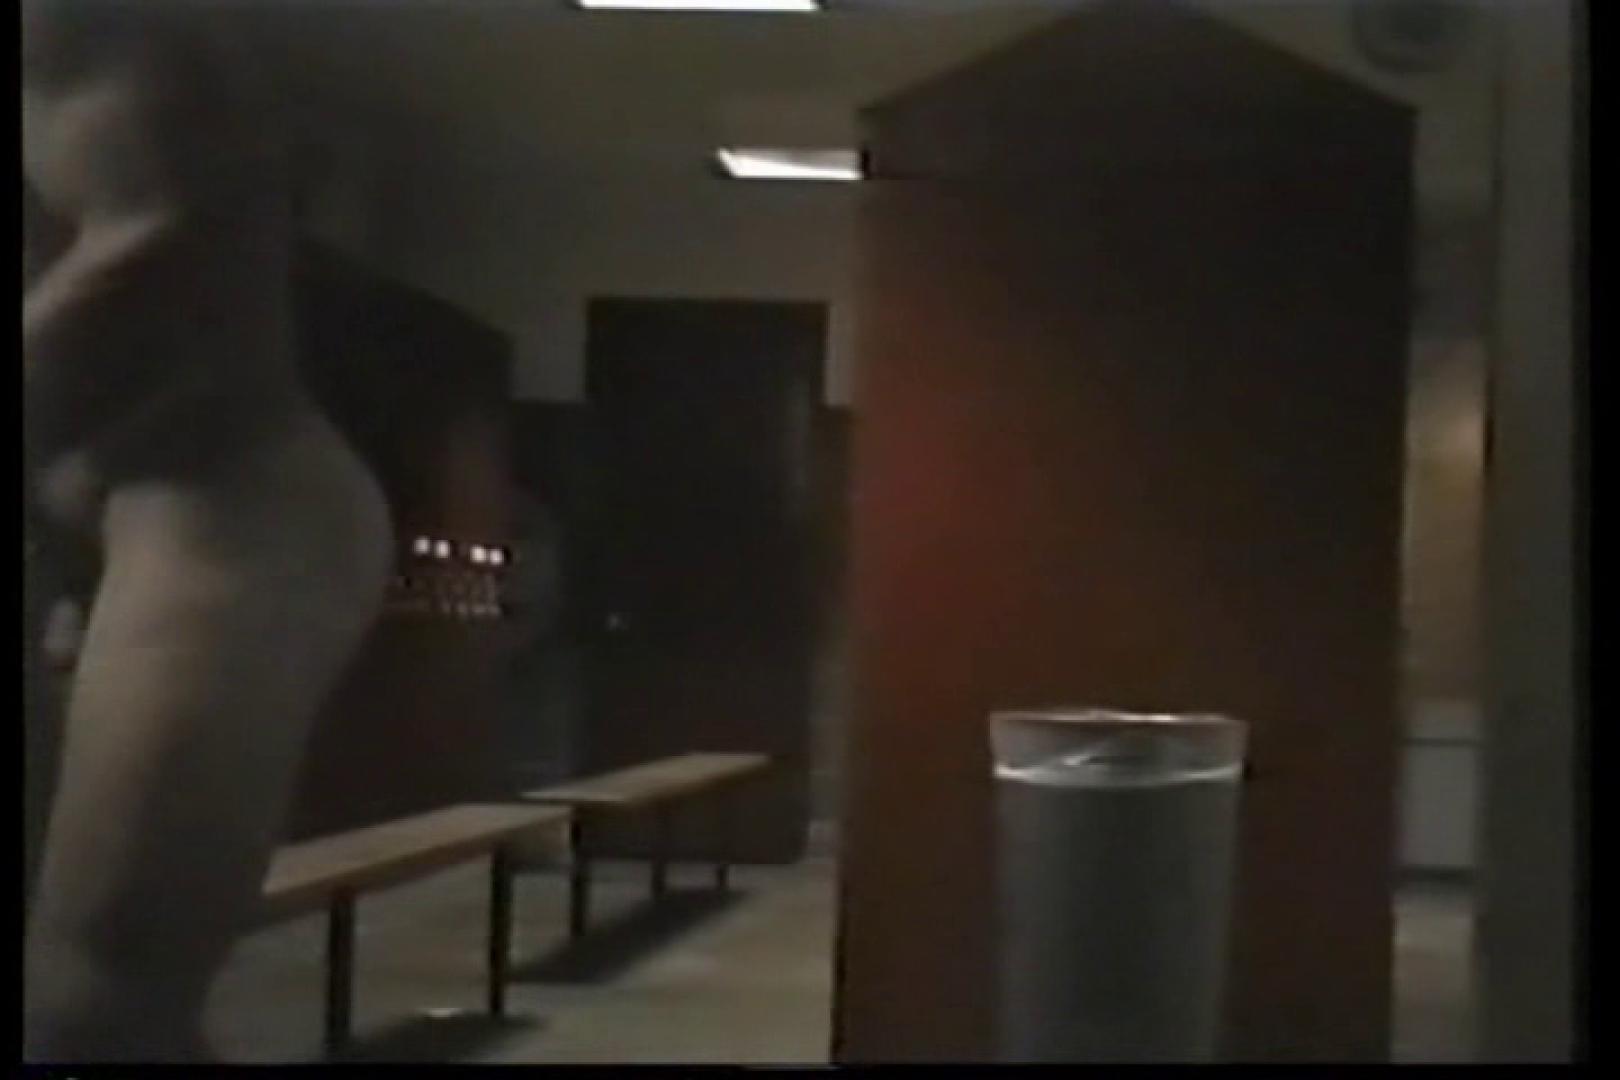 洋人さんの脱衣所を覗いてみました。VOL.3 私服がかっこいい おちんちん画像 92枚 63